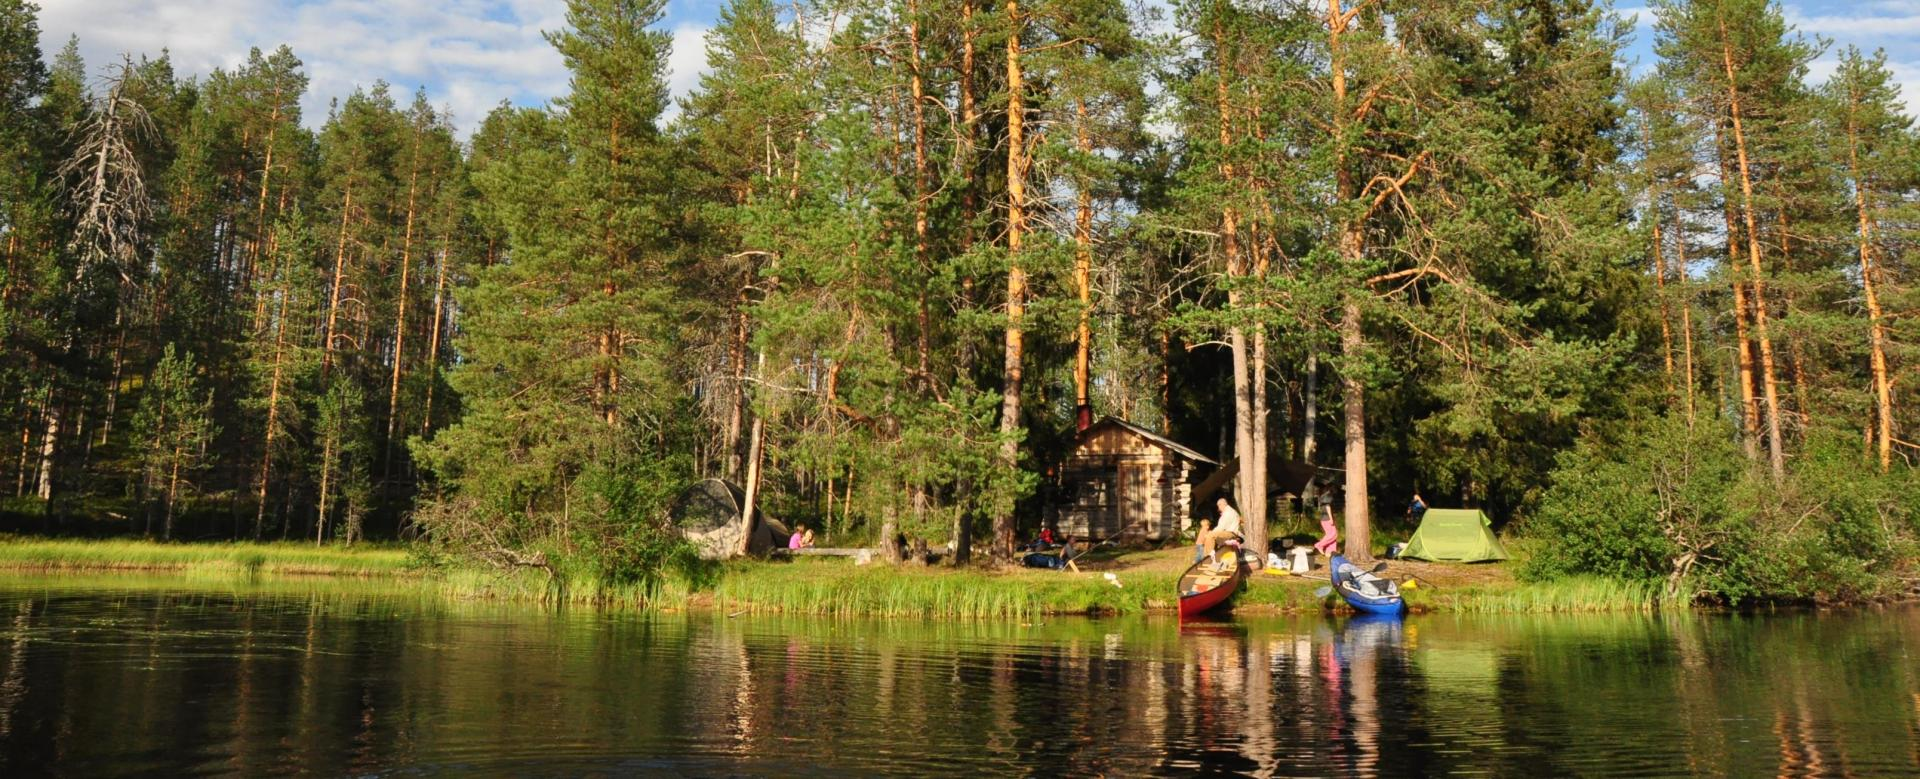 Voyage à la neige Finlande : Escapade en famille dans le grand nord